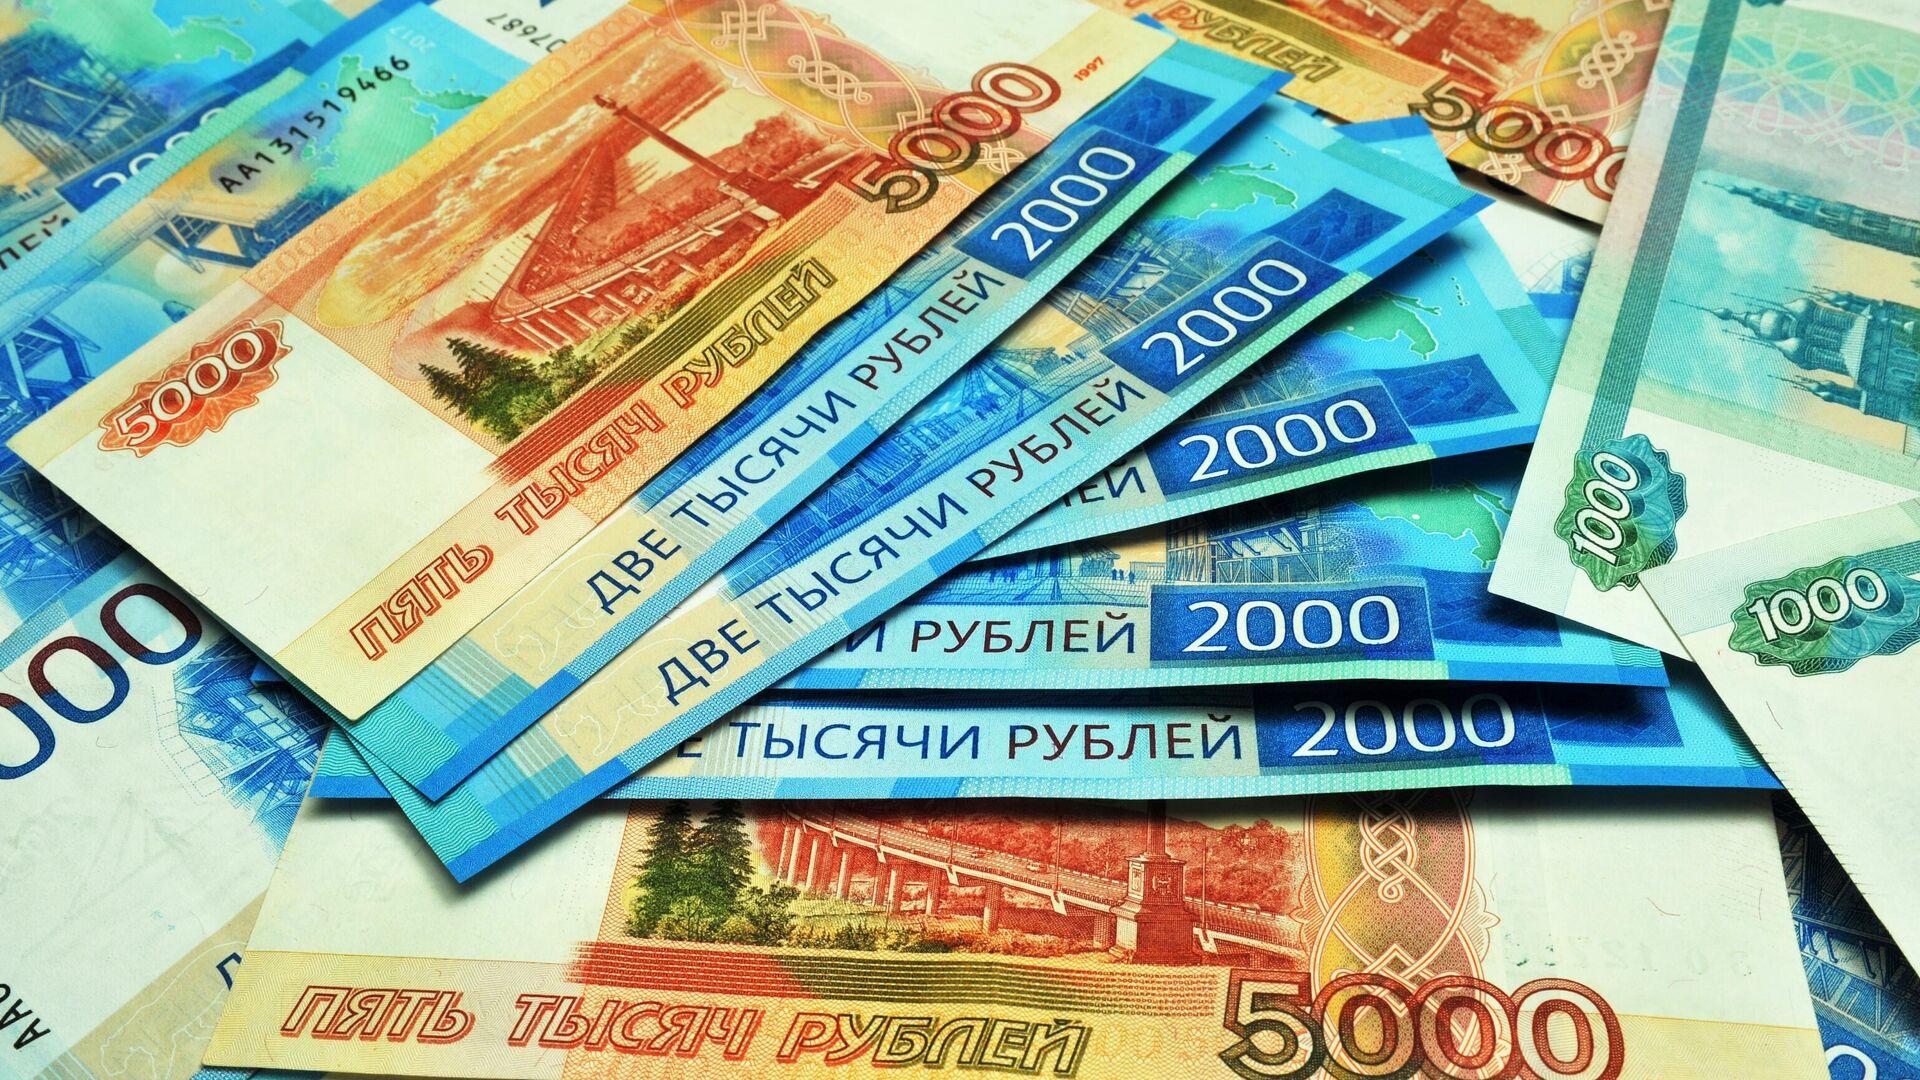 1559267406 0:158:3077:1889 1920x0 80 0 0 1d870981c74bc0558c1f4821189bf446 - Аналитики дали прогнозы по росту цен в России в октябре